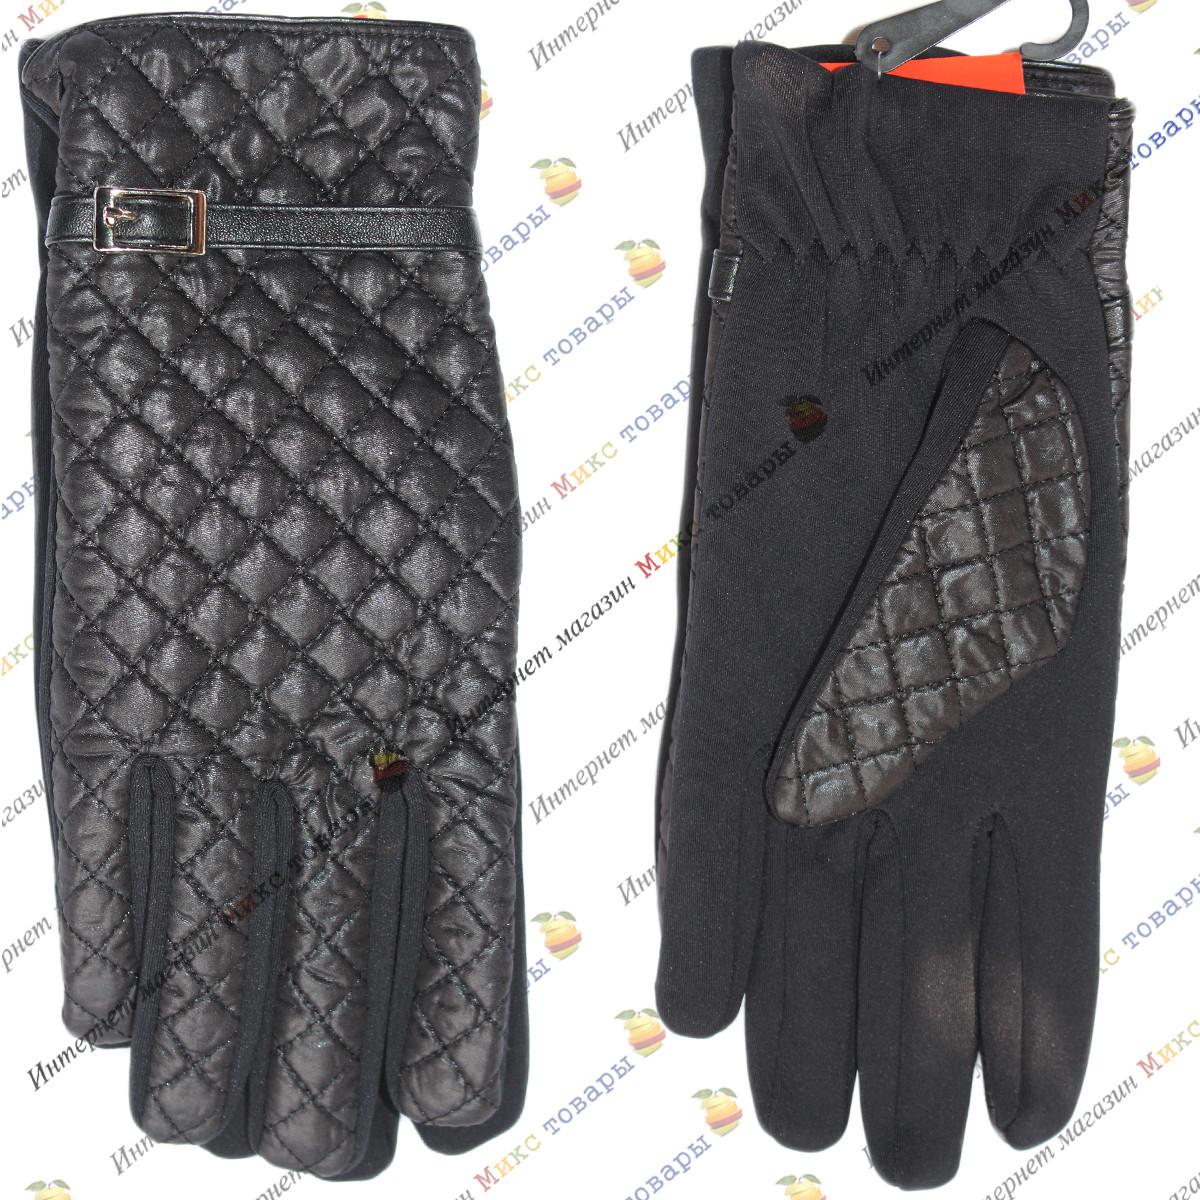 Чёрные женские перчатки